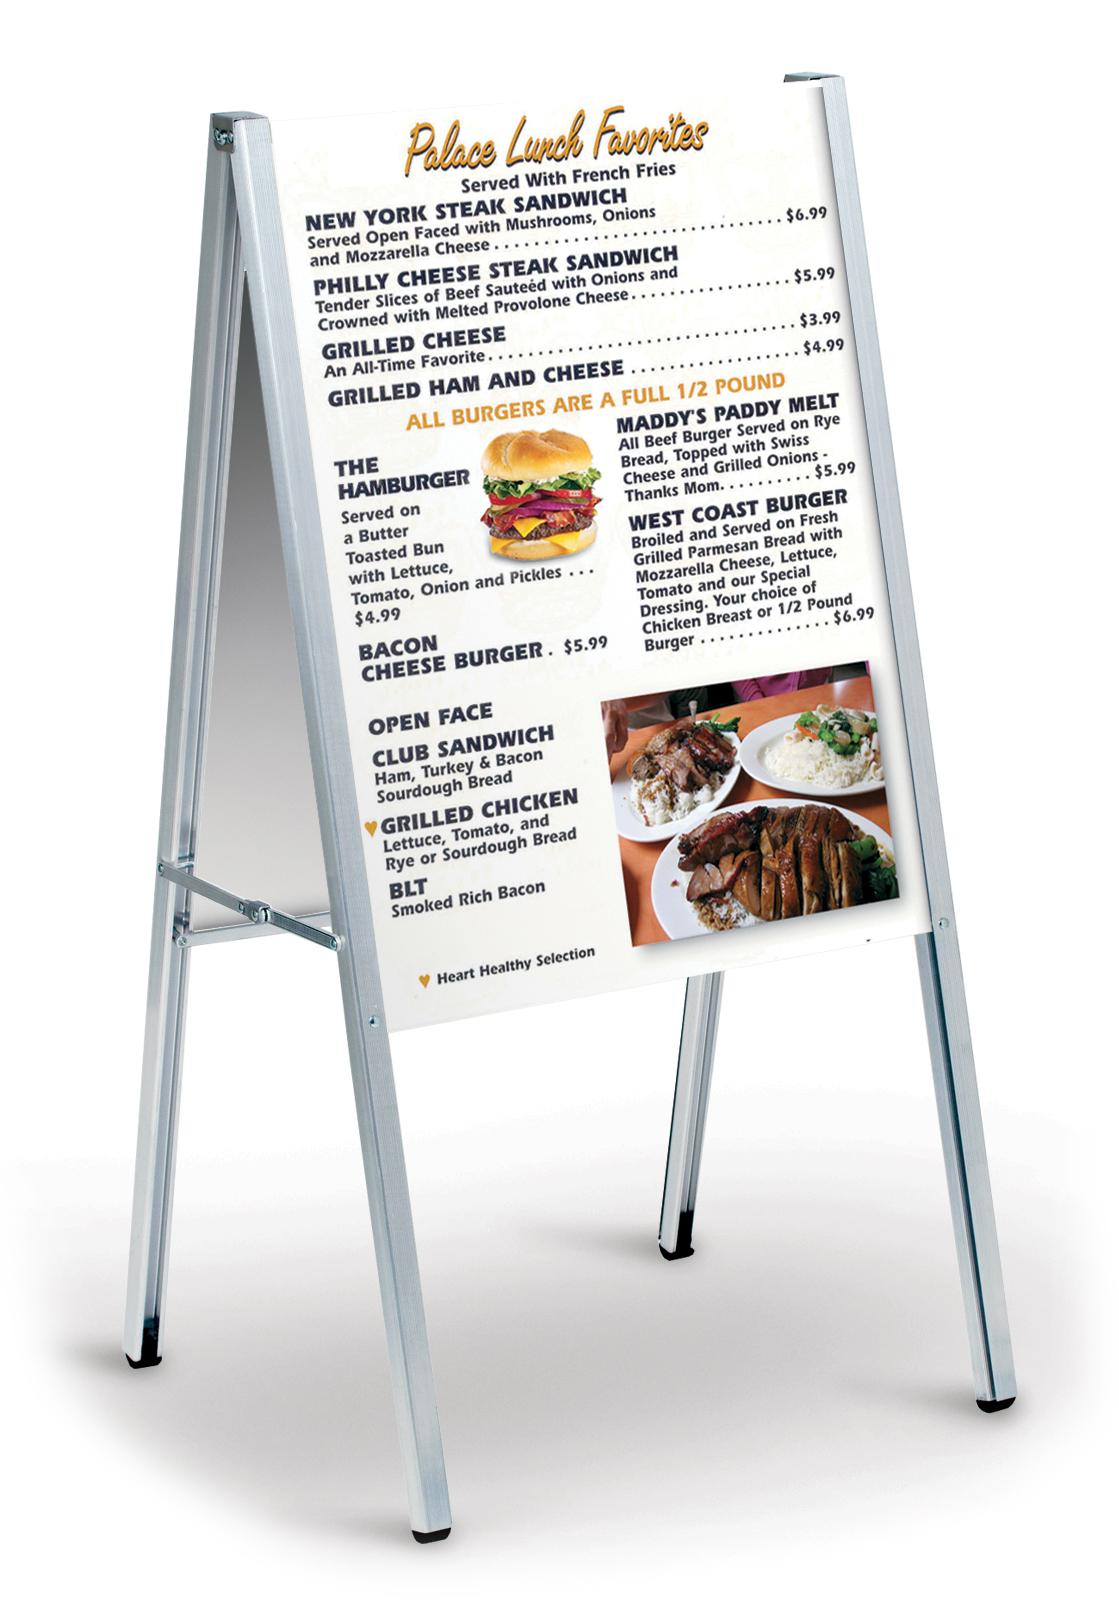 Σταντ οπτικής προβολής 2 πλευρών κατάλληλο για εστιατόρια